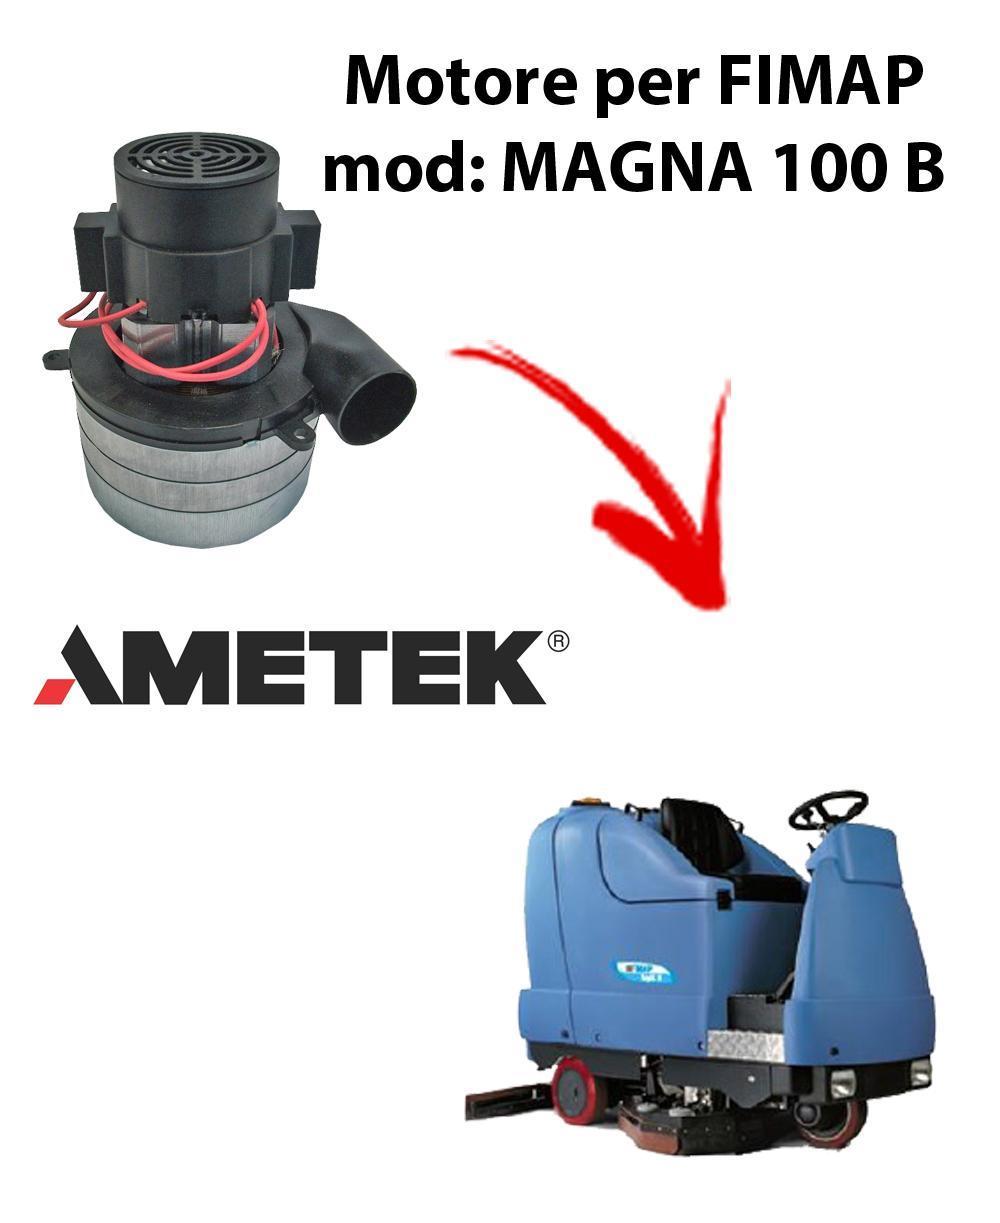 MAGNA 100 B Vacuum motors AMETEK Italia for scrubber dryer Fimap